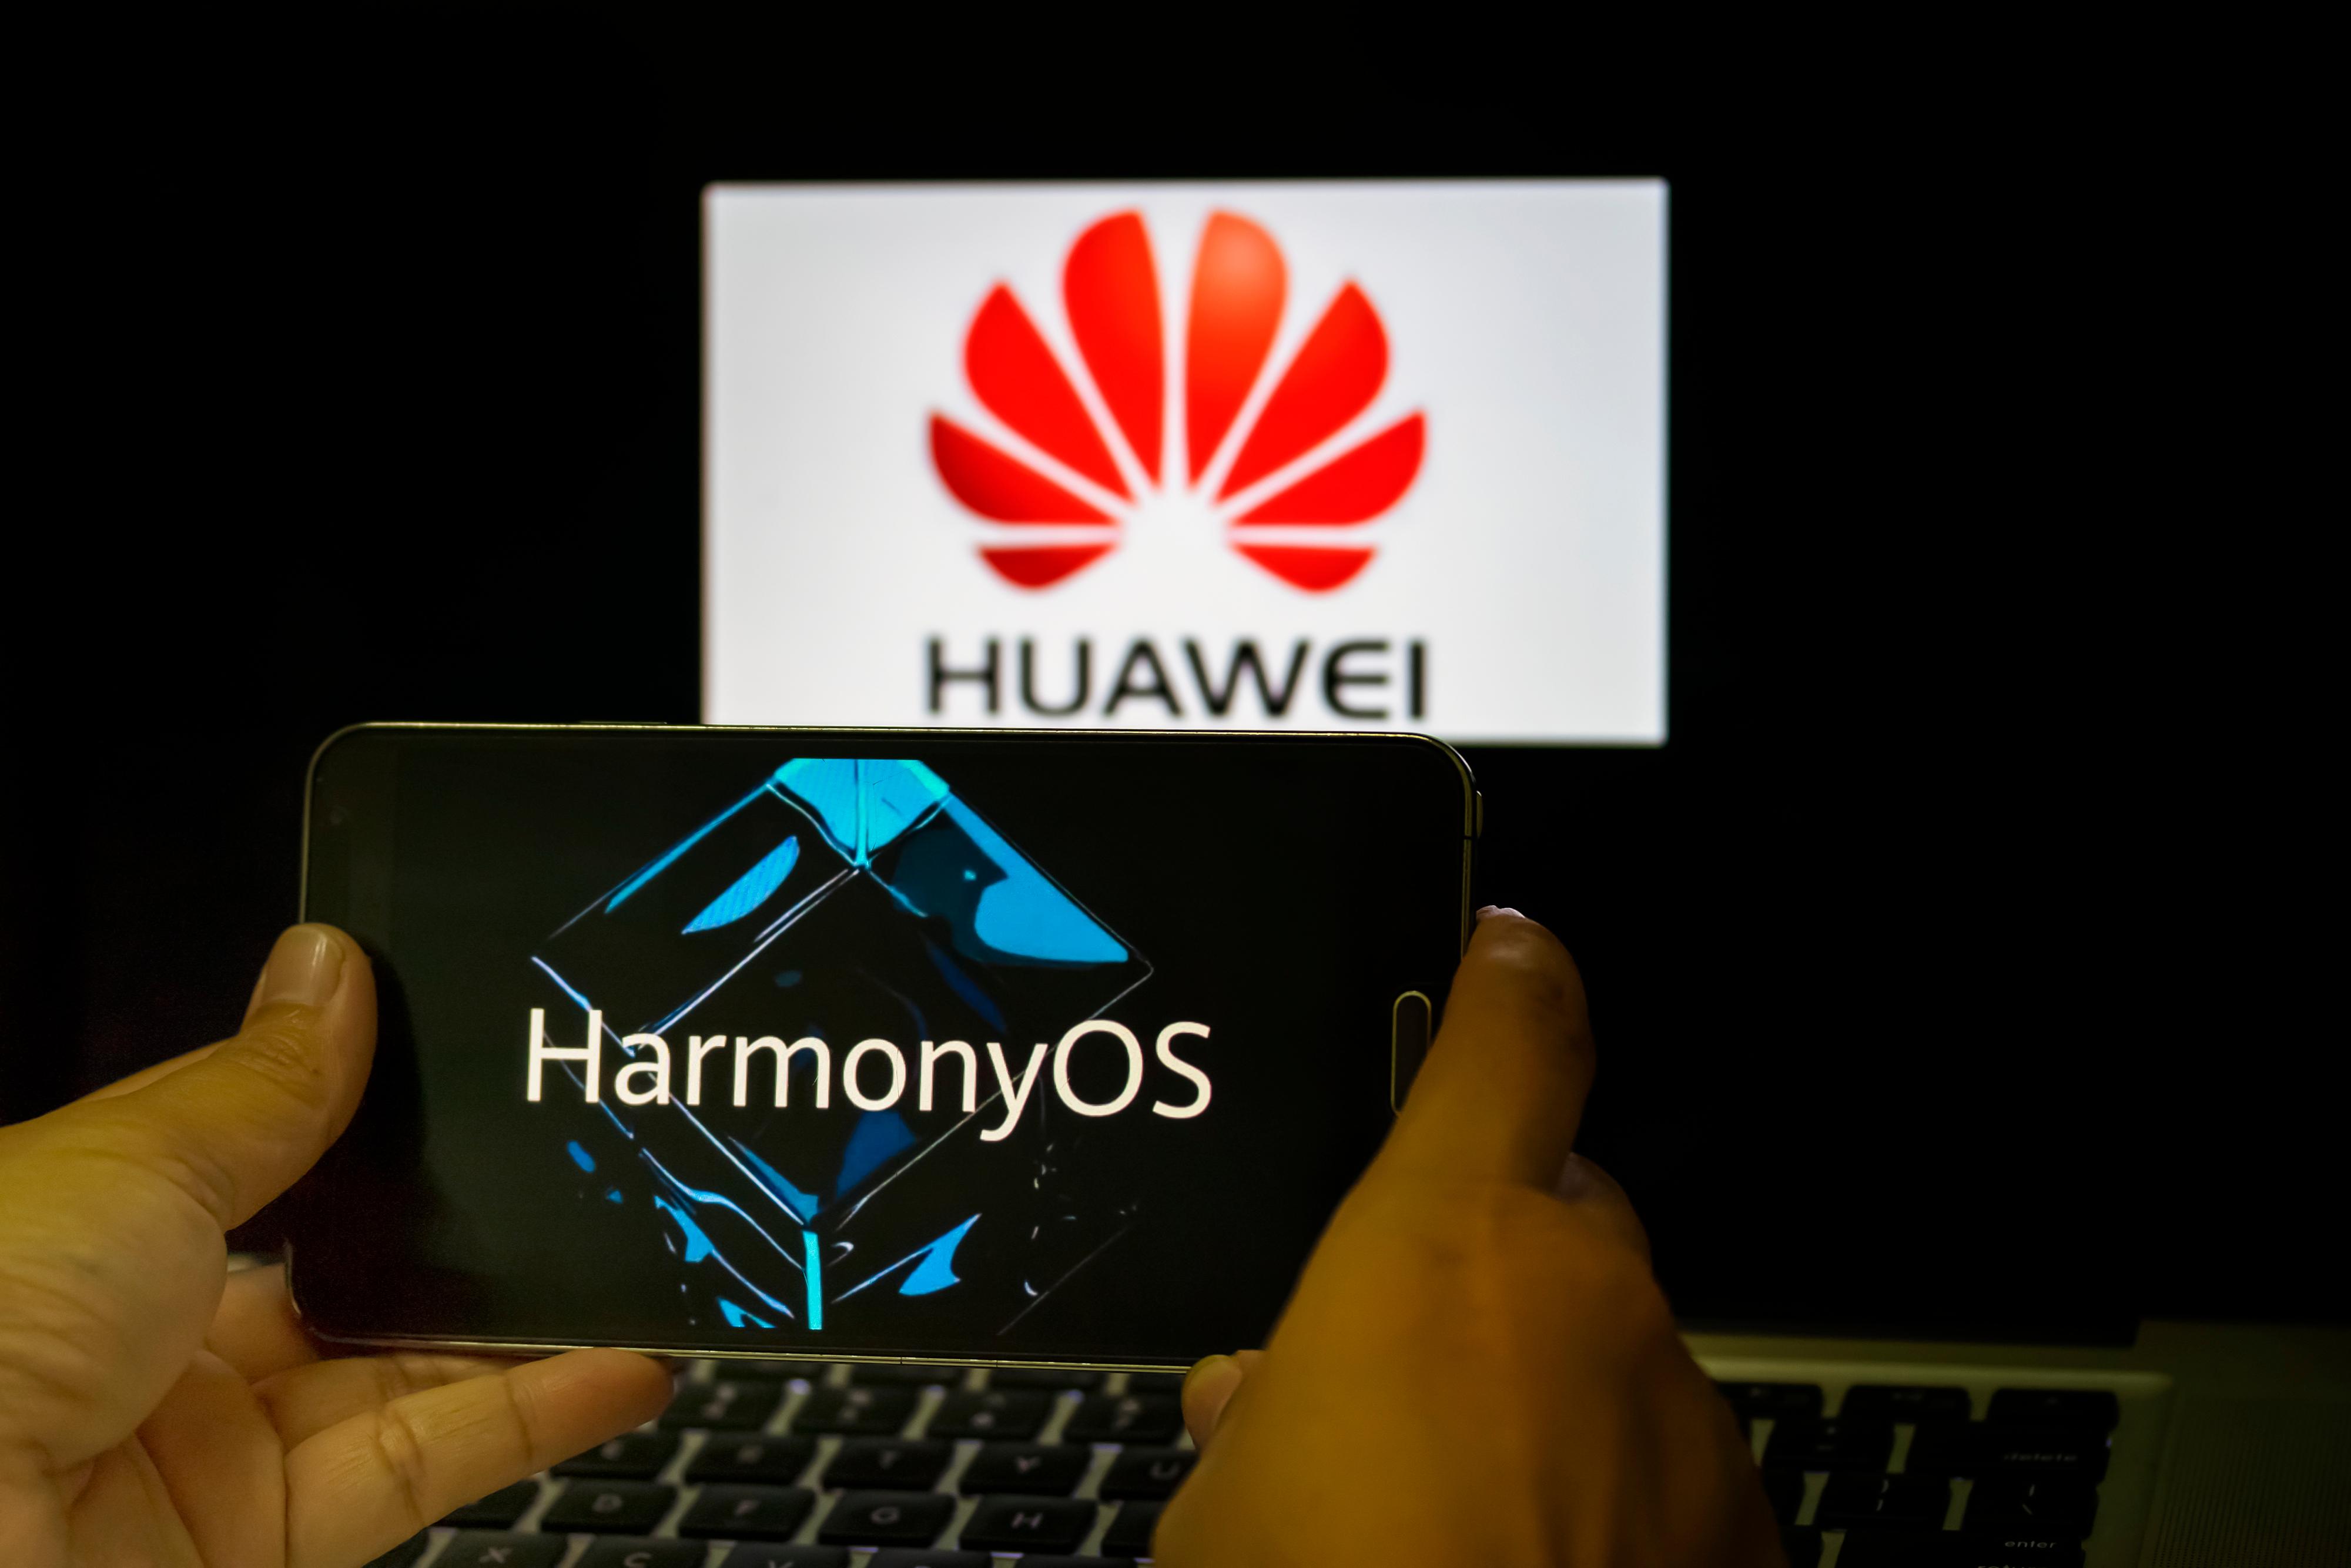 Huawei lansează Harmony OS pe 2 iunie. Ce reprezintă noua interfață a telefoanelor în raport cu Google